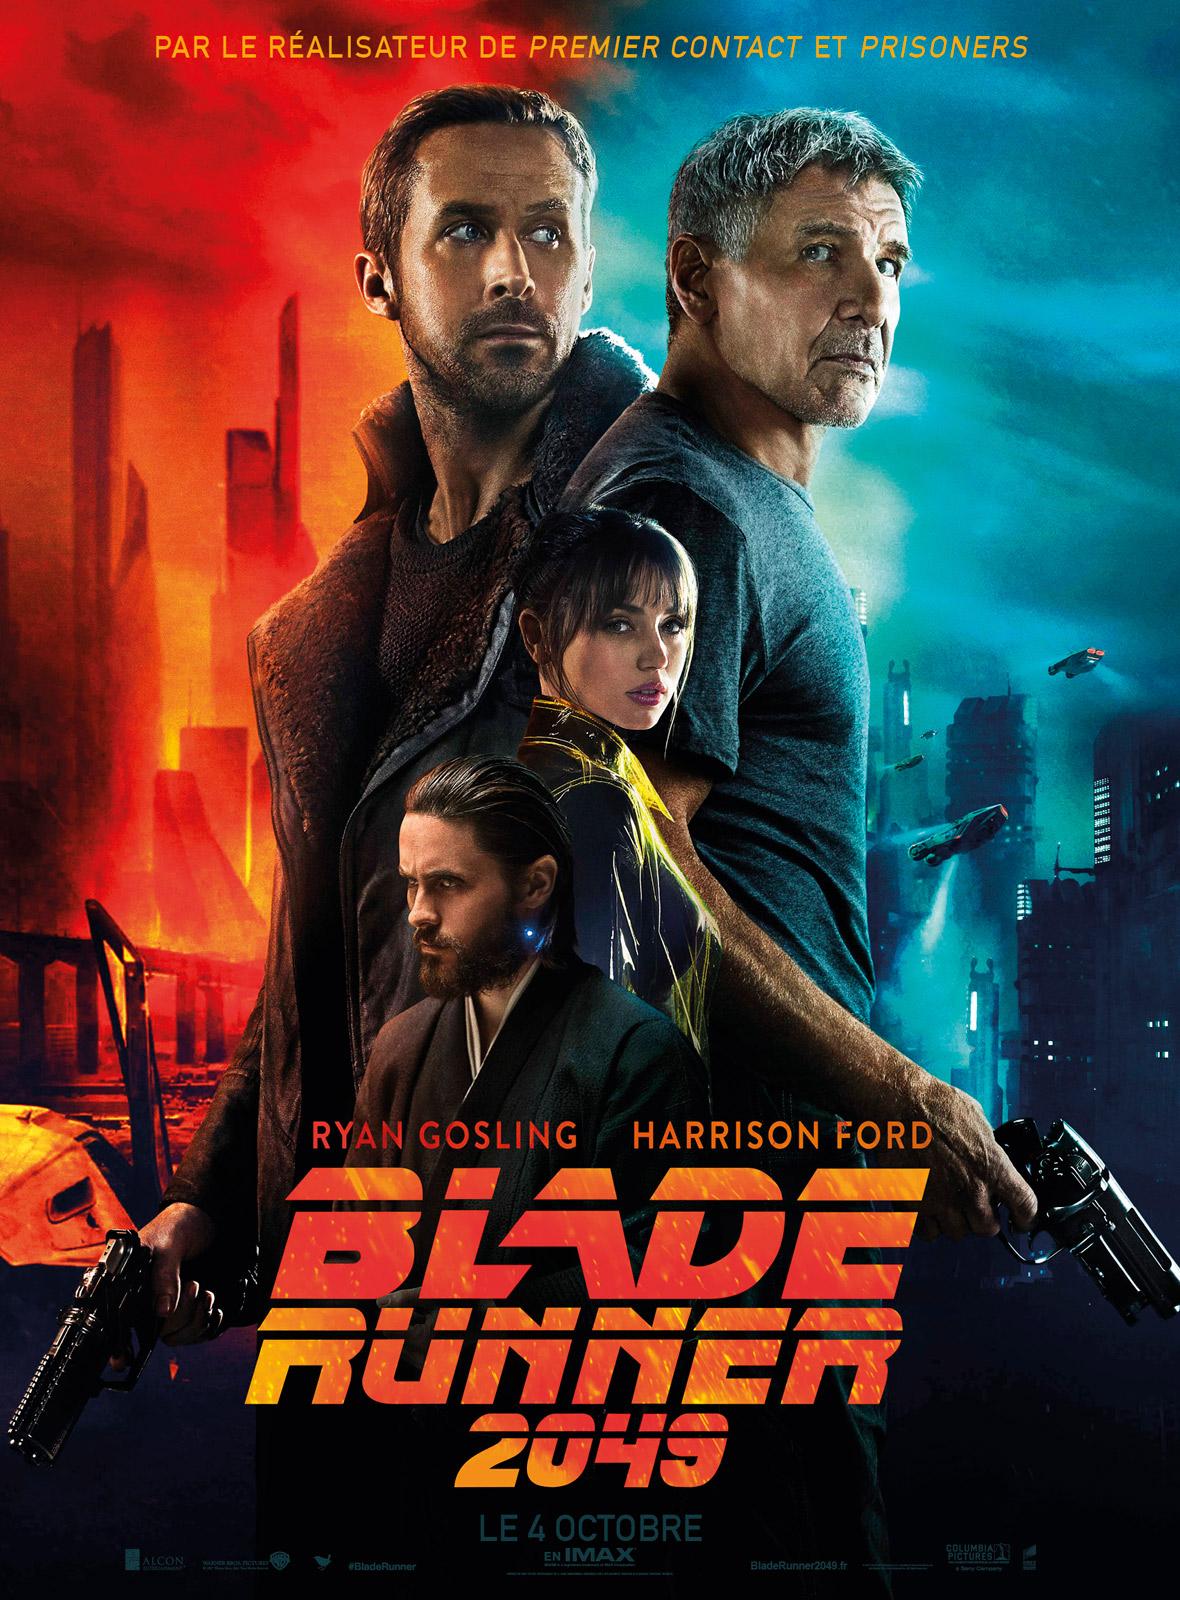 Blade Runner 2049 Français BDRiP